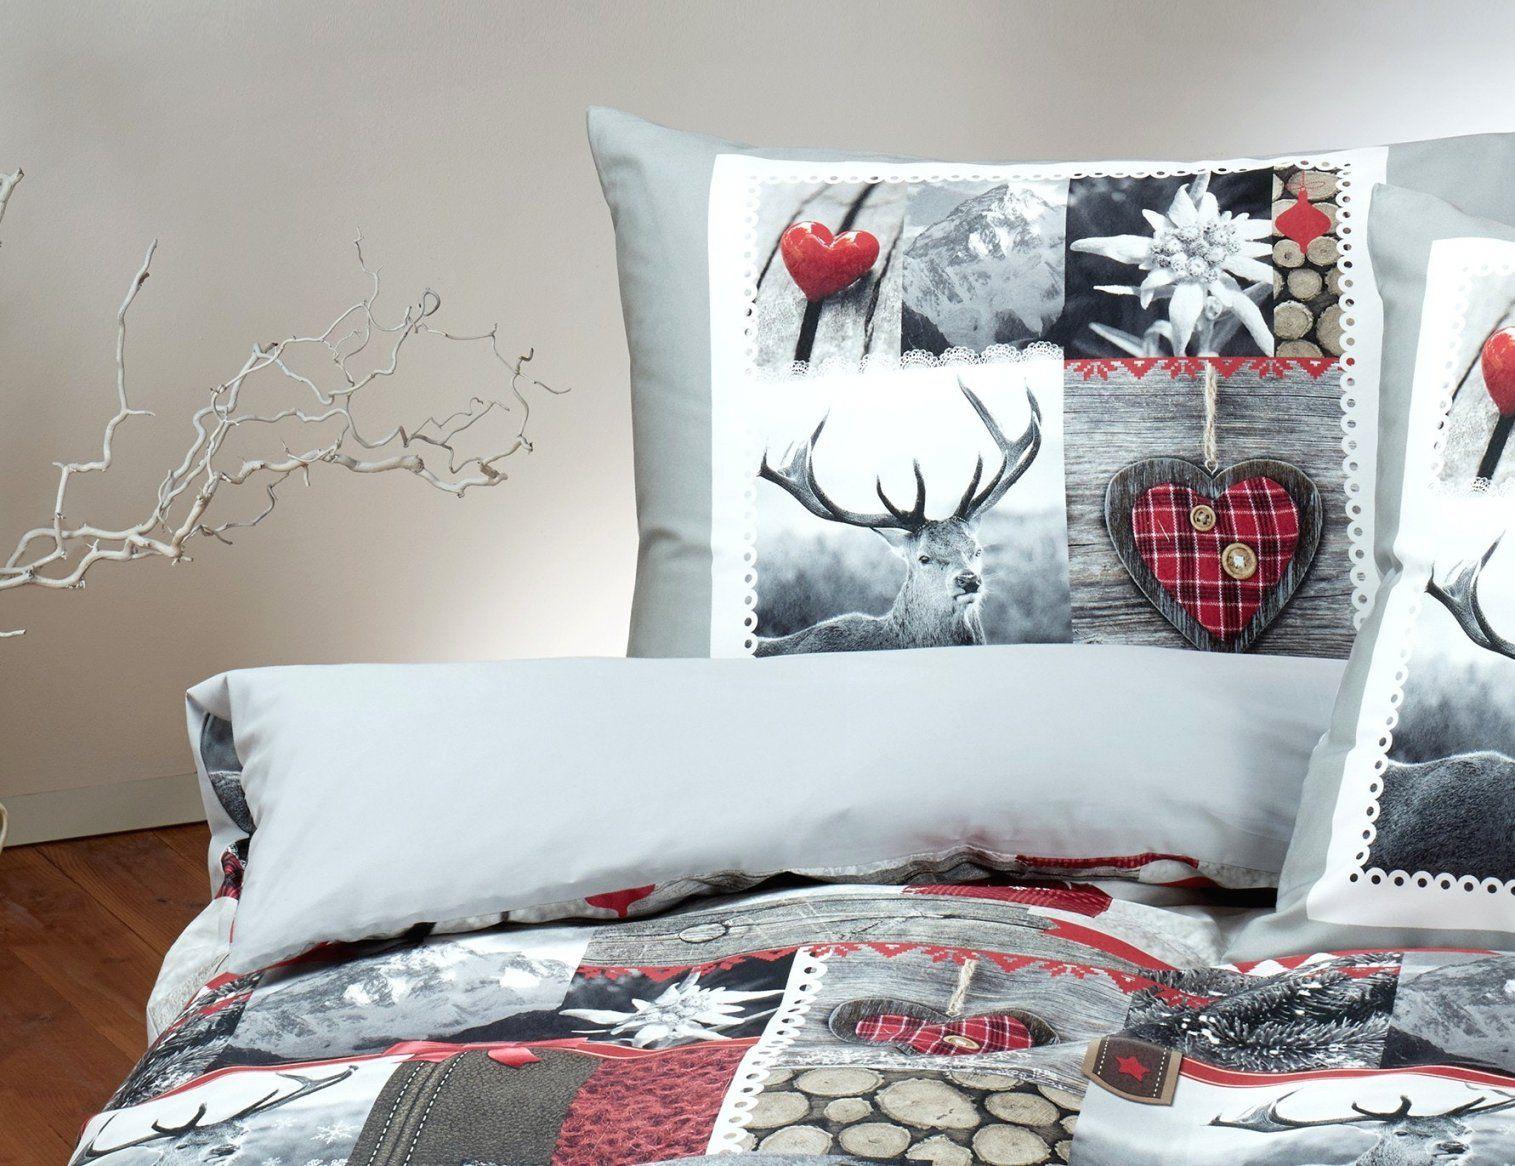 Zufriedene Ideen Bettwäsche Wintermotiv Und Brillant Mit Winter von Bettwäsche Mit Wintermotiv Bild